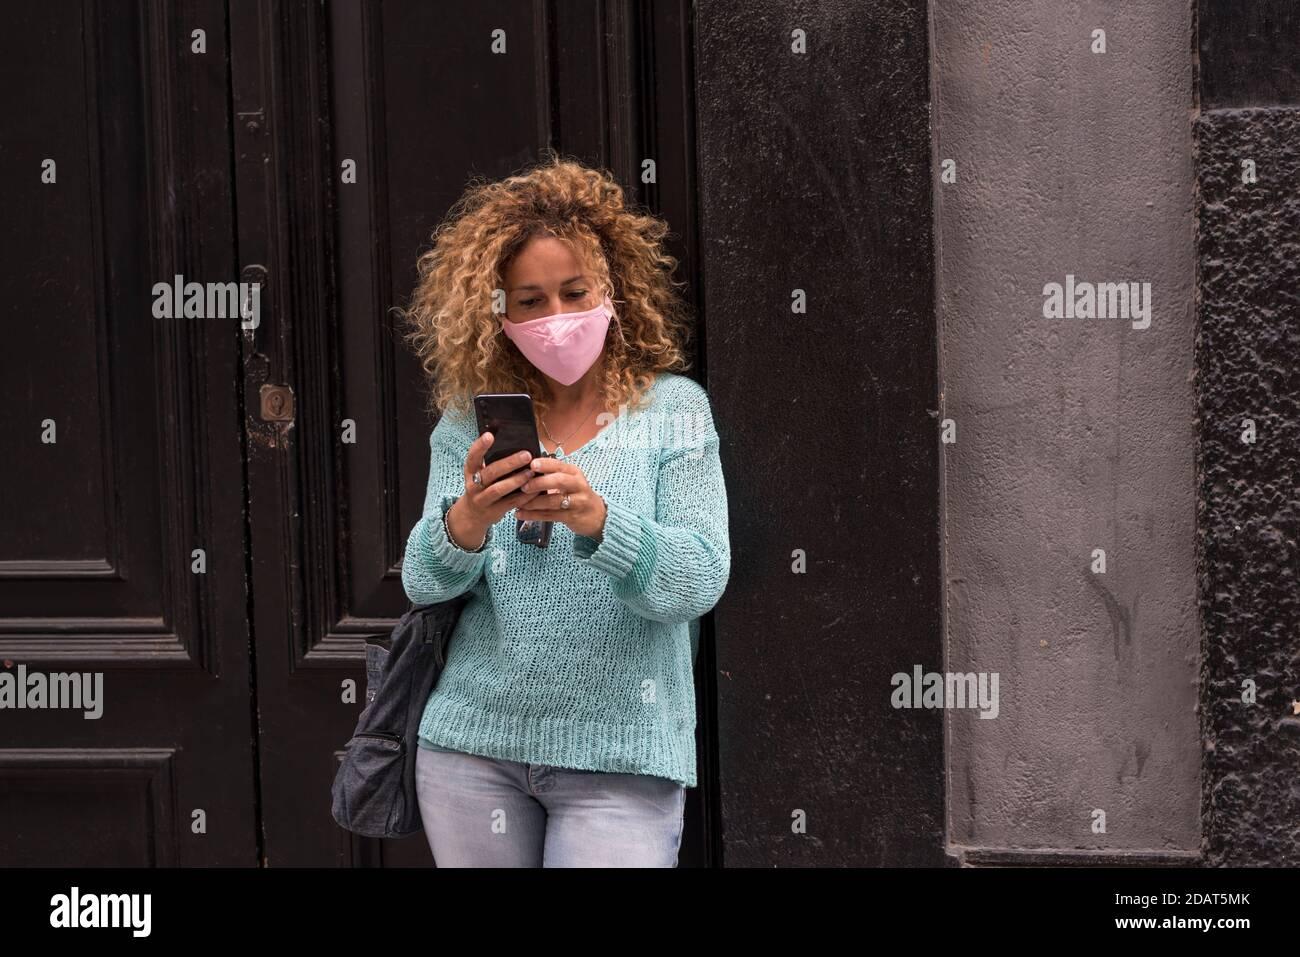 La mujer adulta usa una máscara protectora contra la emergencia del virus coronavirus covid-19 - protéjase a las personas con accesorio anti-virus - mujer en la ciudad Foto de stock